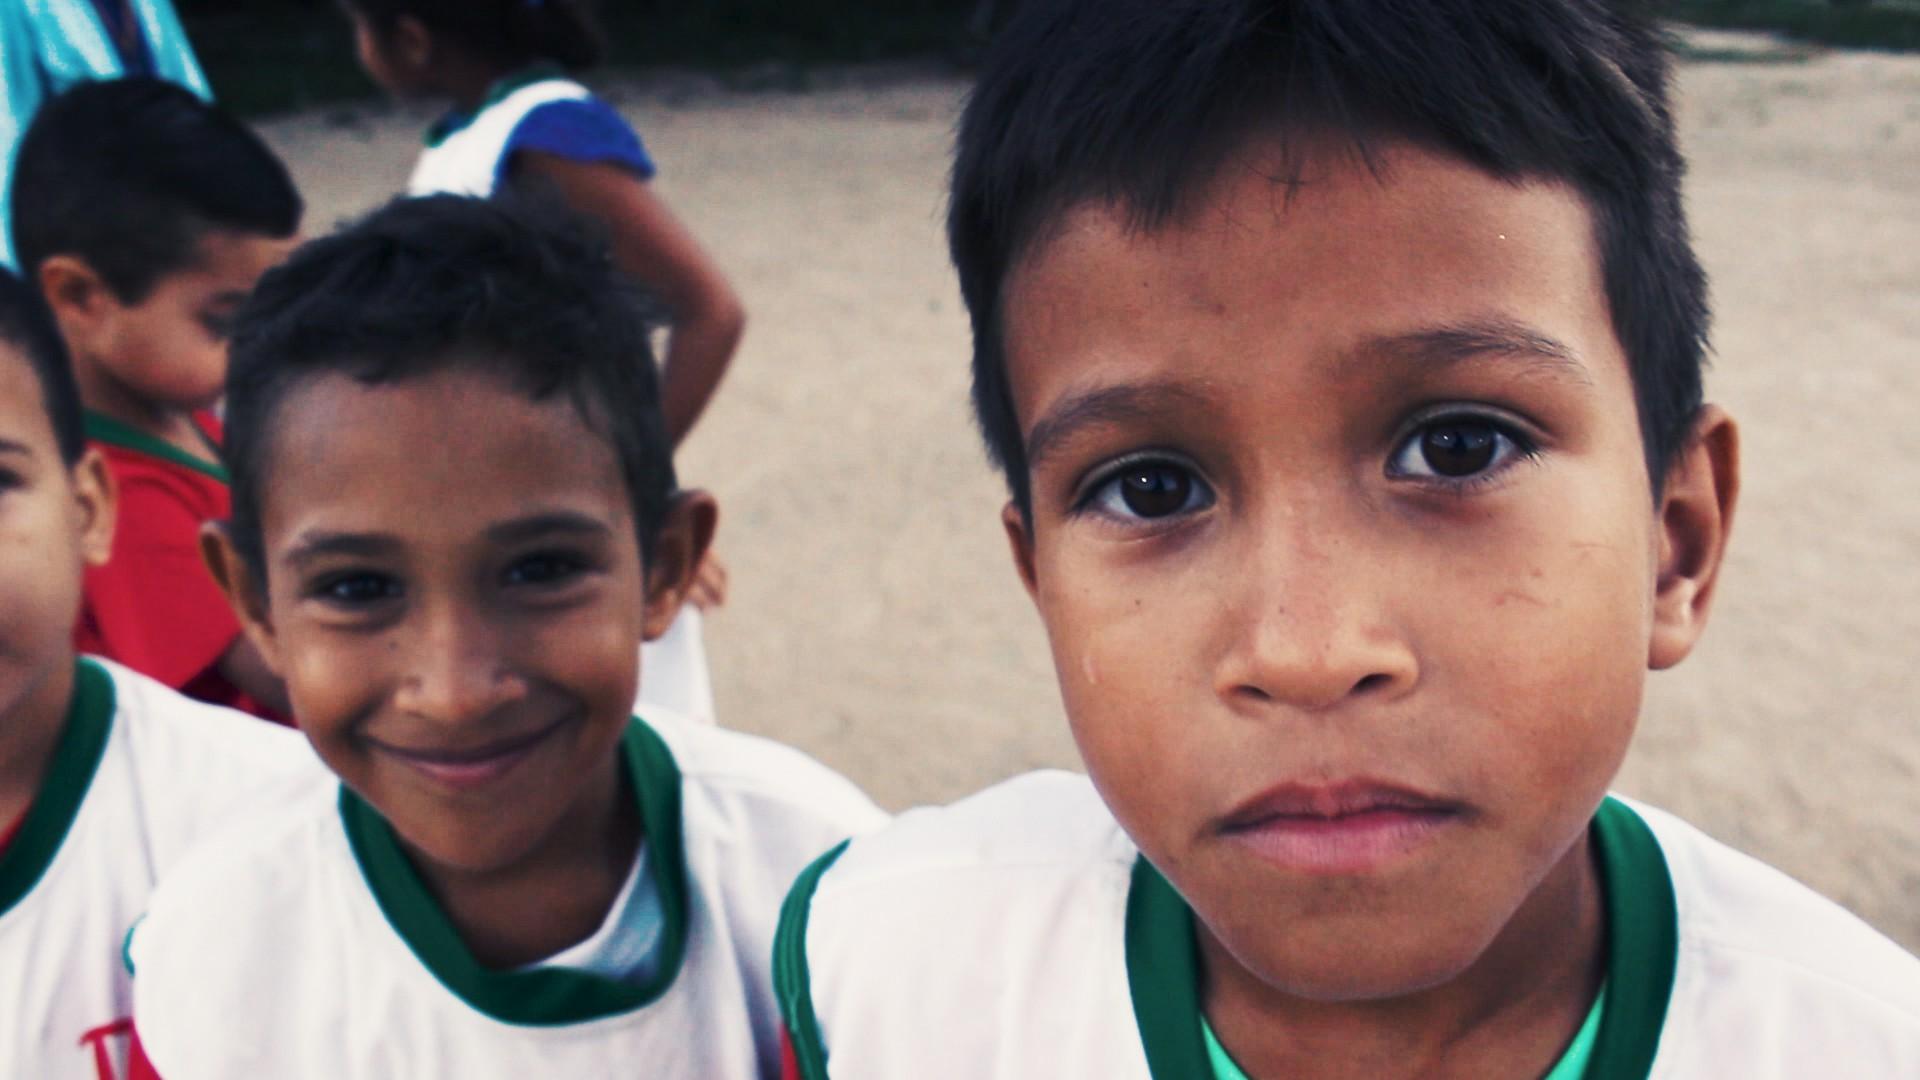 Criado em 2008, o projeto social Meninos de Deus oferece, a partir de treinos de futebol, lições sobre cultura de paz e coletividade (Foto: fotos reprodução)